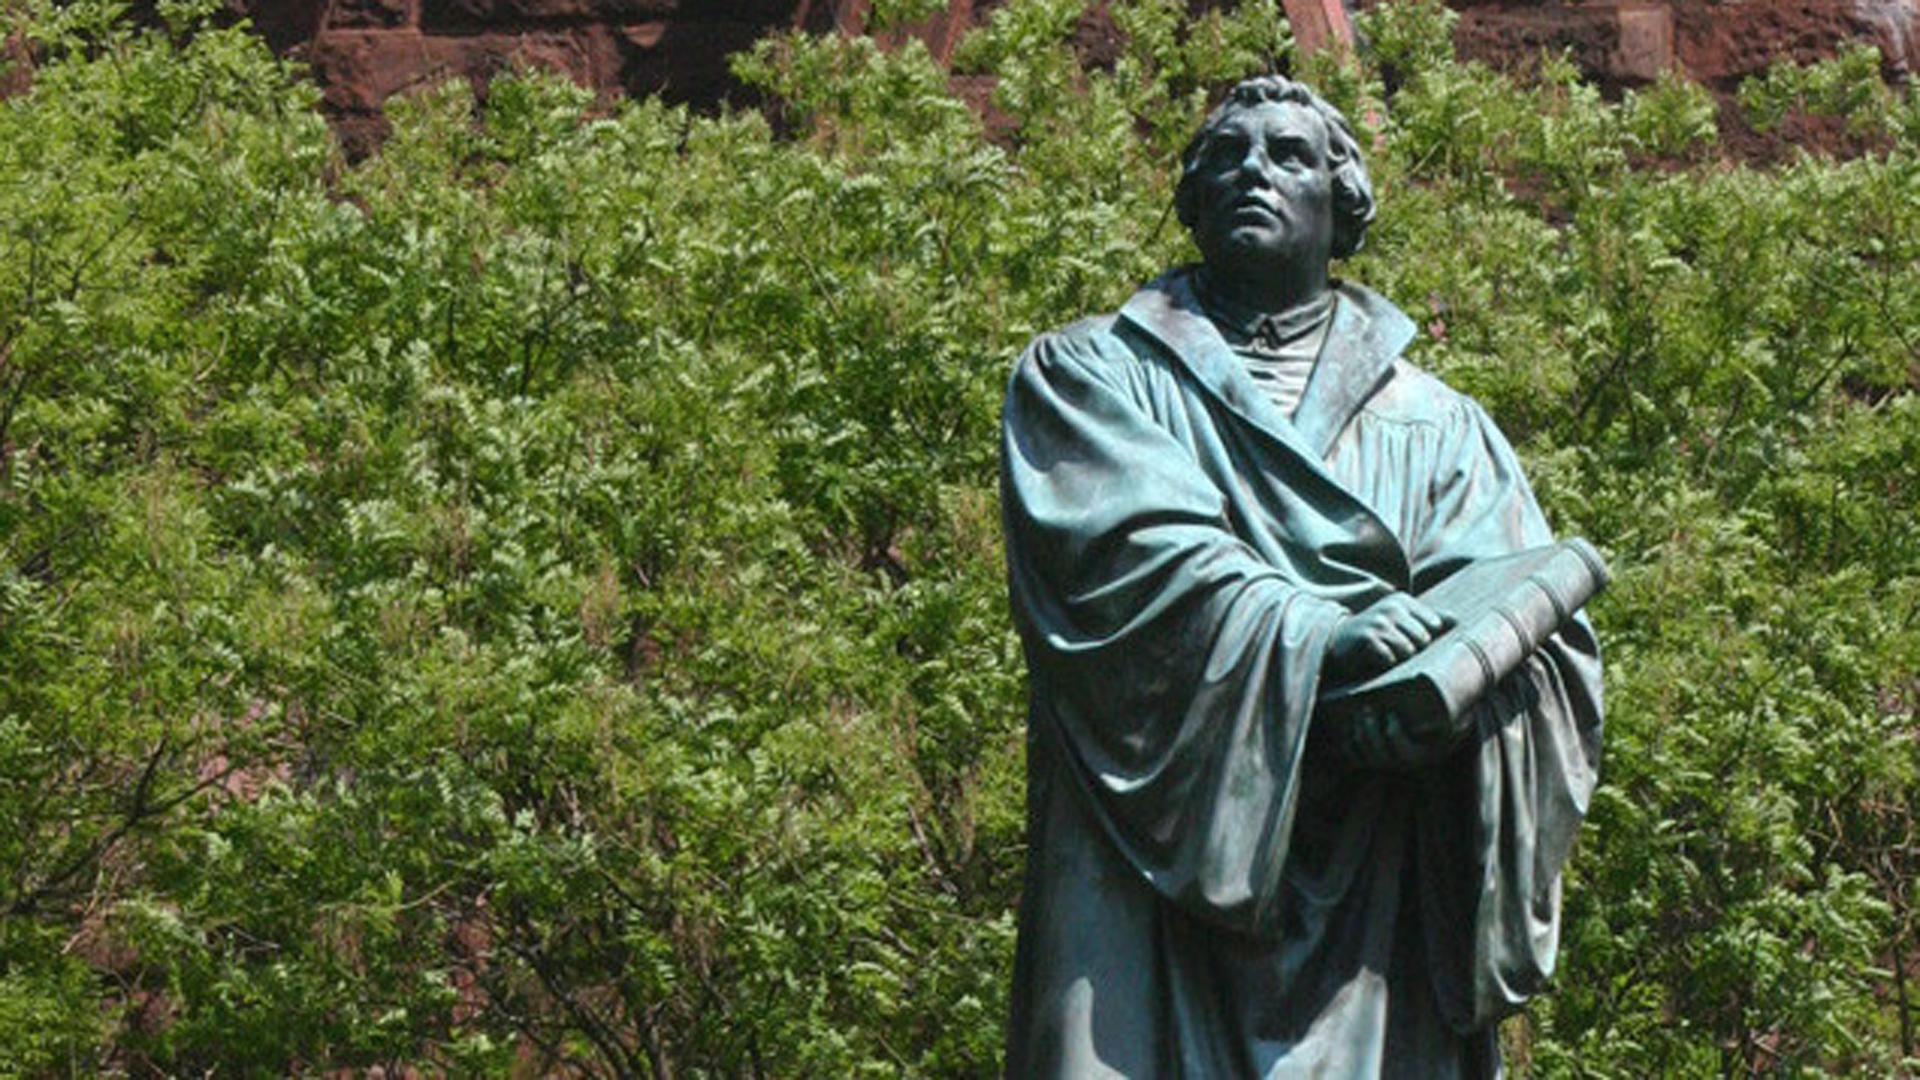 Martin Luther wird in einer Hörspielreihe des MDR zum Leben erweckt. Er soll die PR-Kampagne zum Reformationsjubiläum zum Leben erwecken